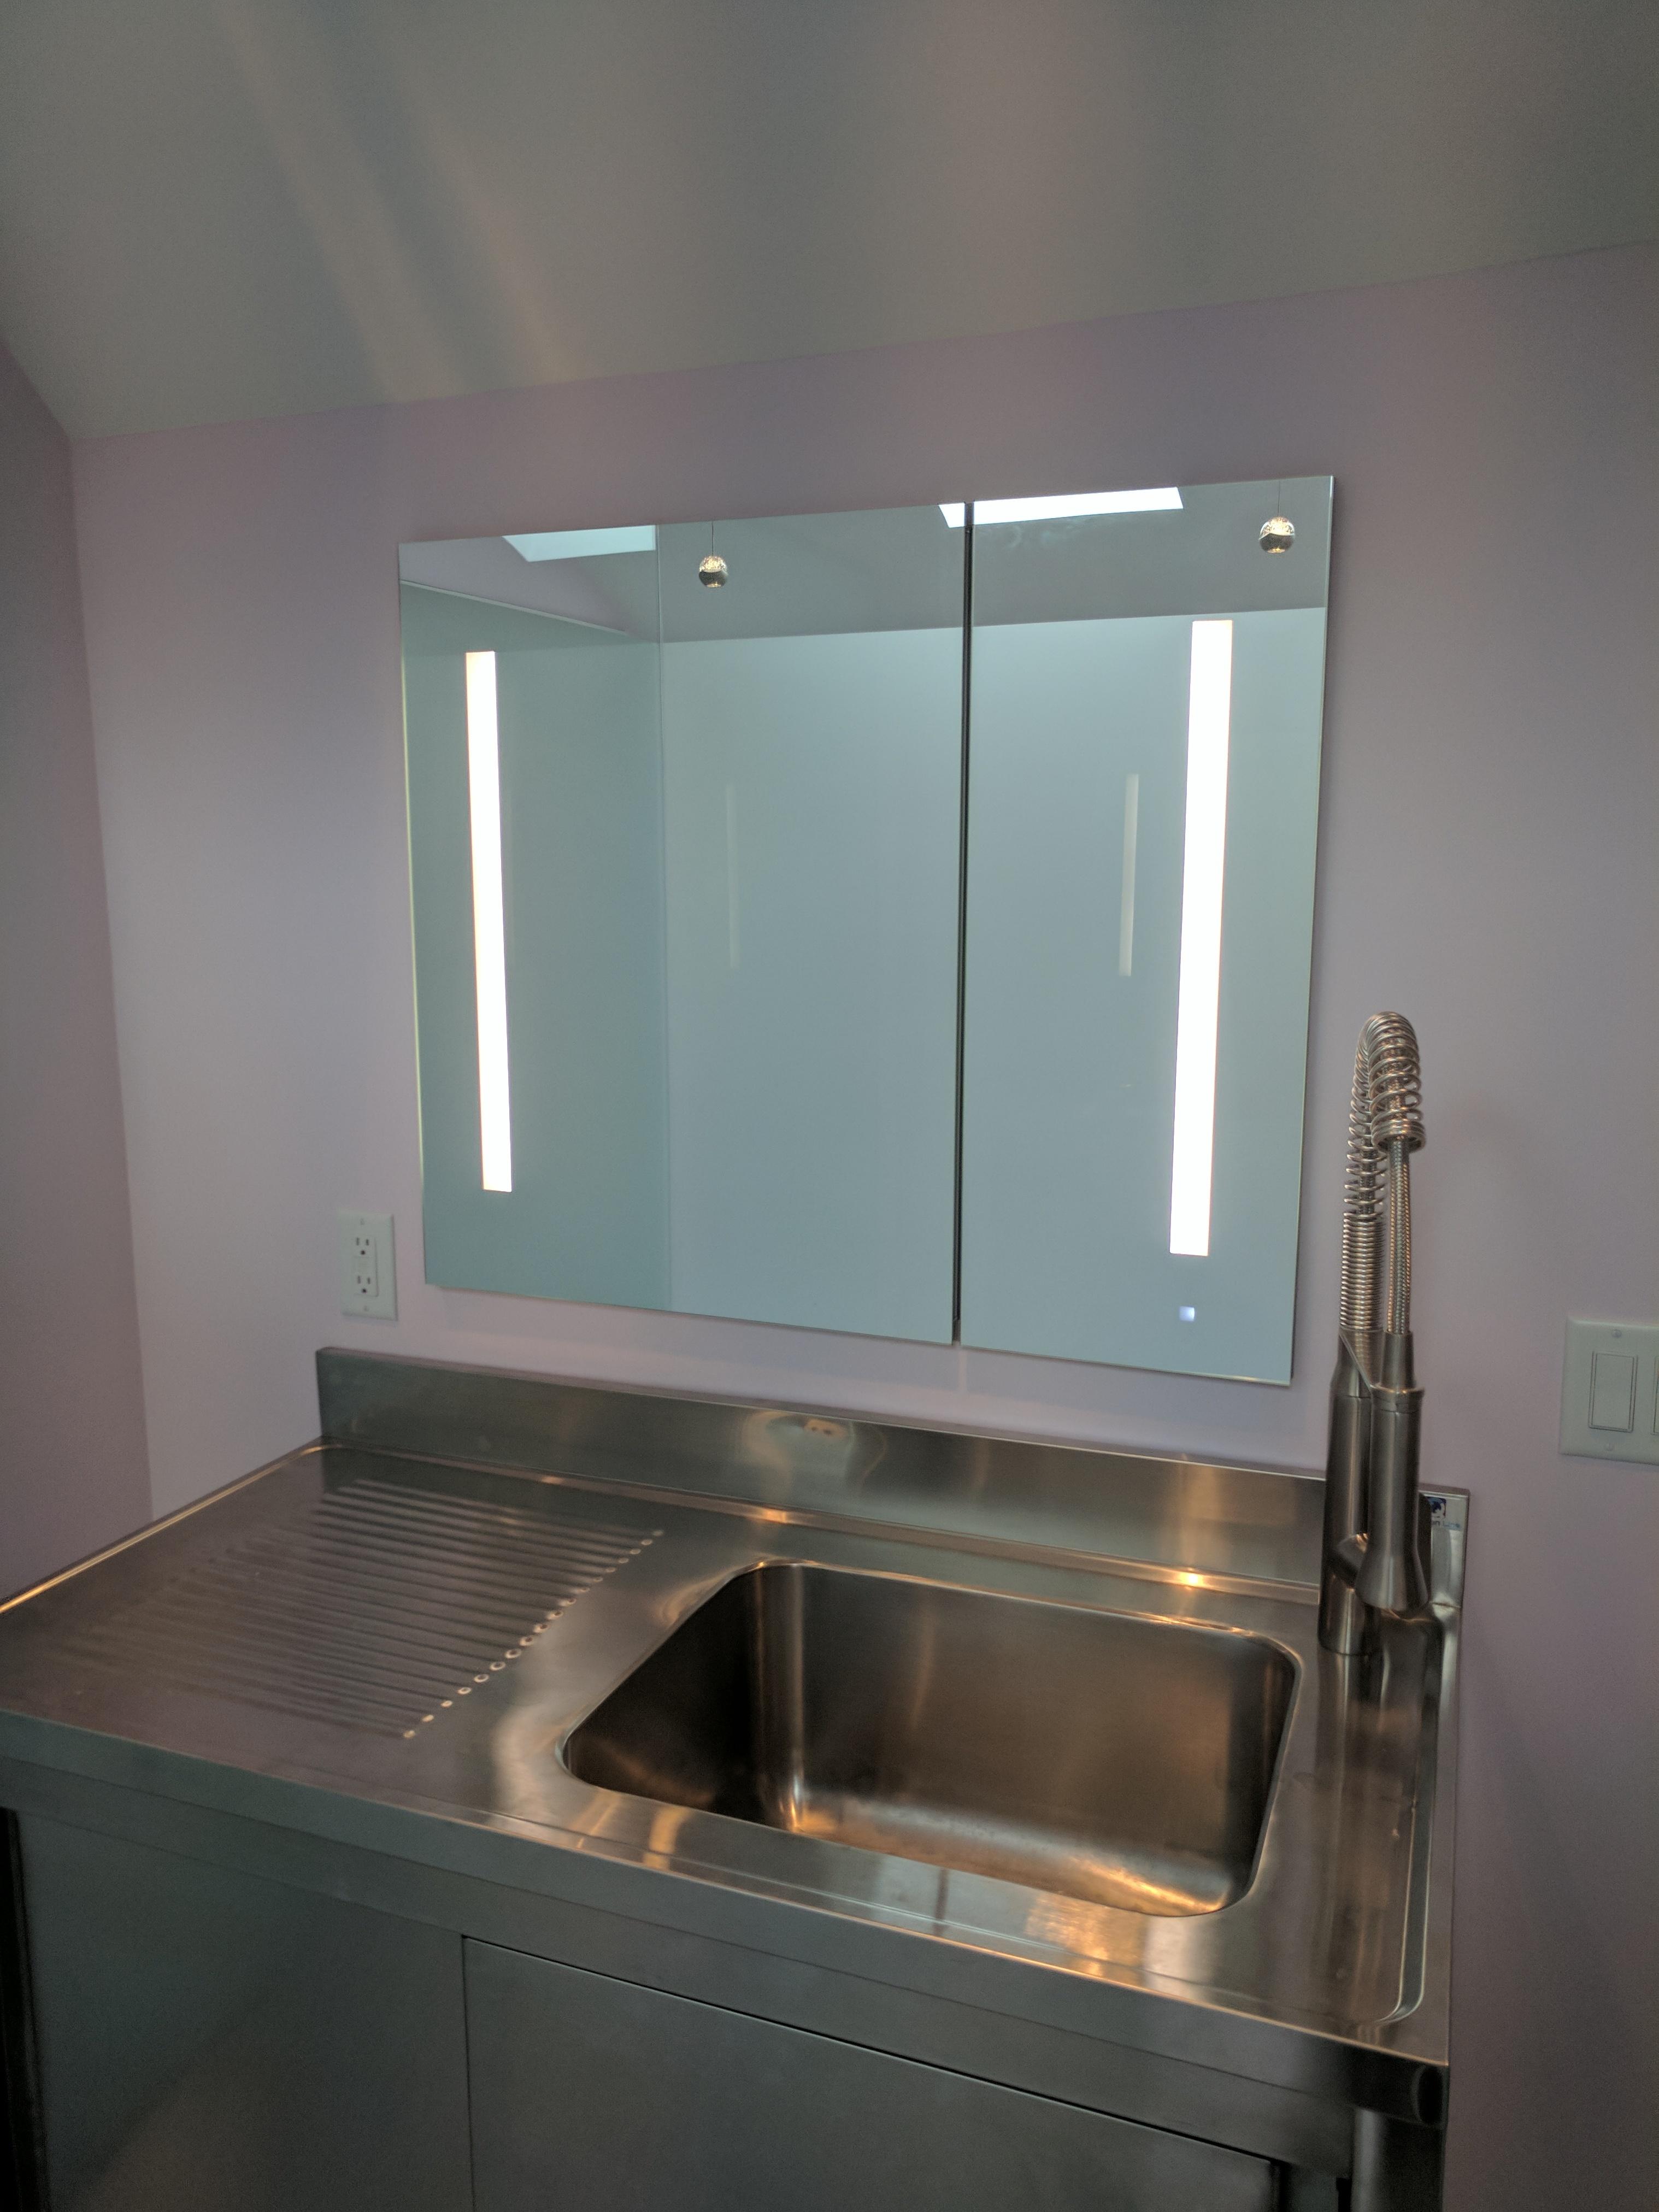 Stainless Vanity, Renovation, Remodeling, REEF builders, Cape Cod Builder